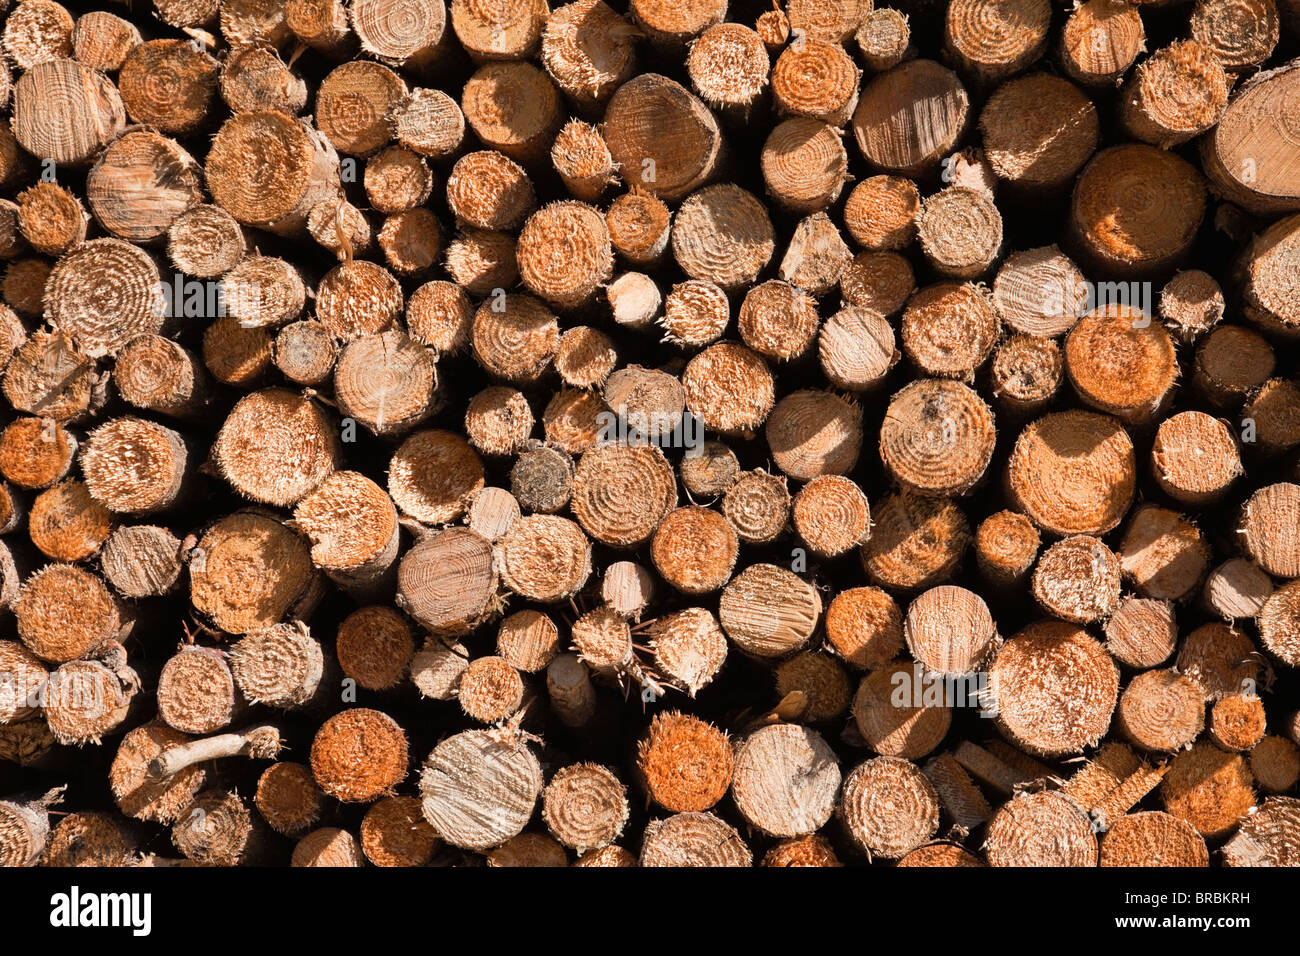 Logs Stock Photos & Logs Stock Images - Alamy